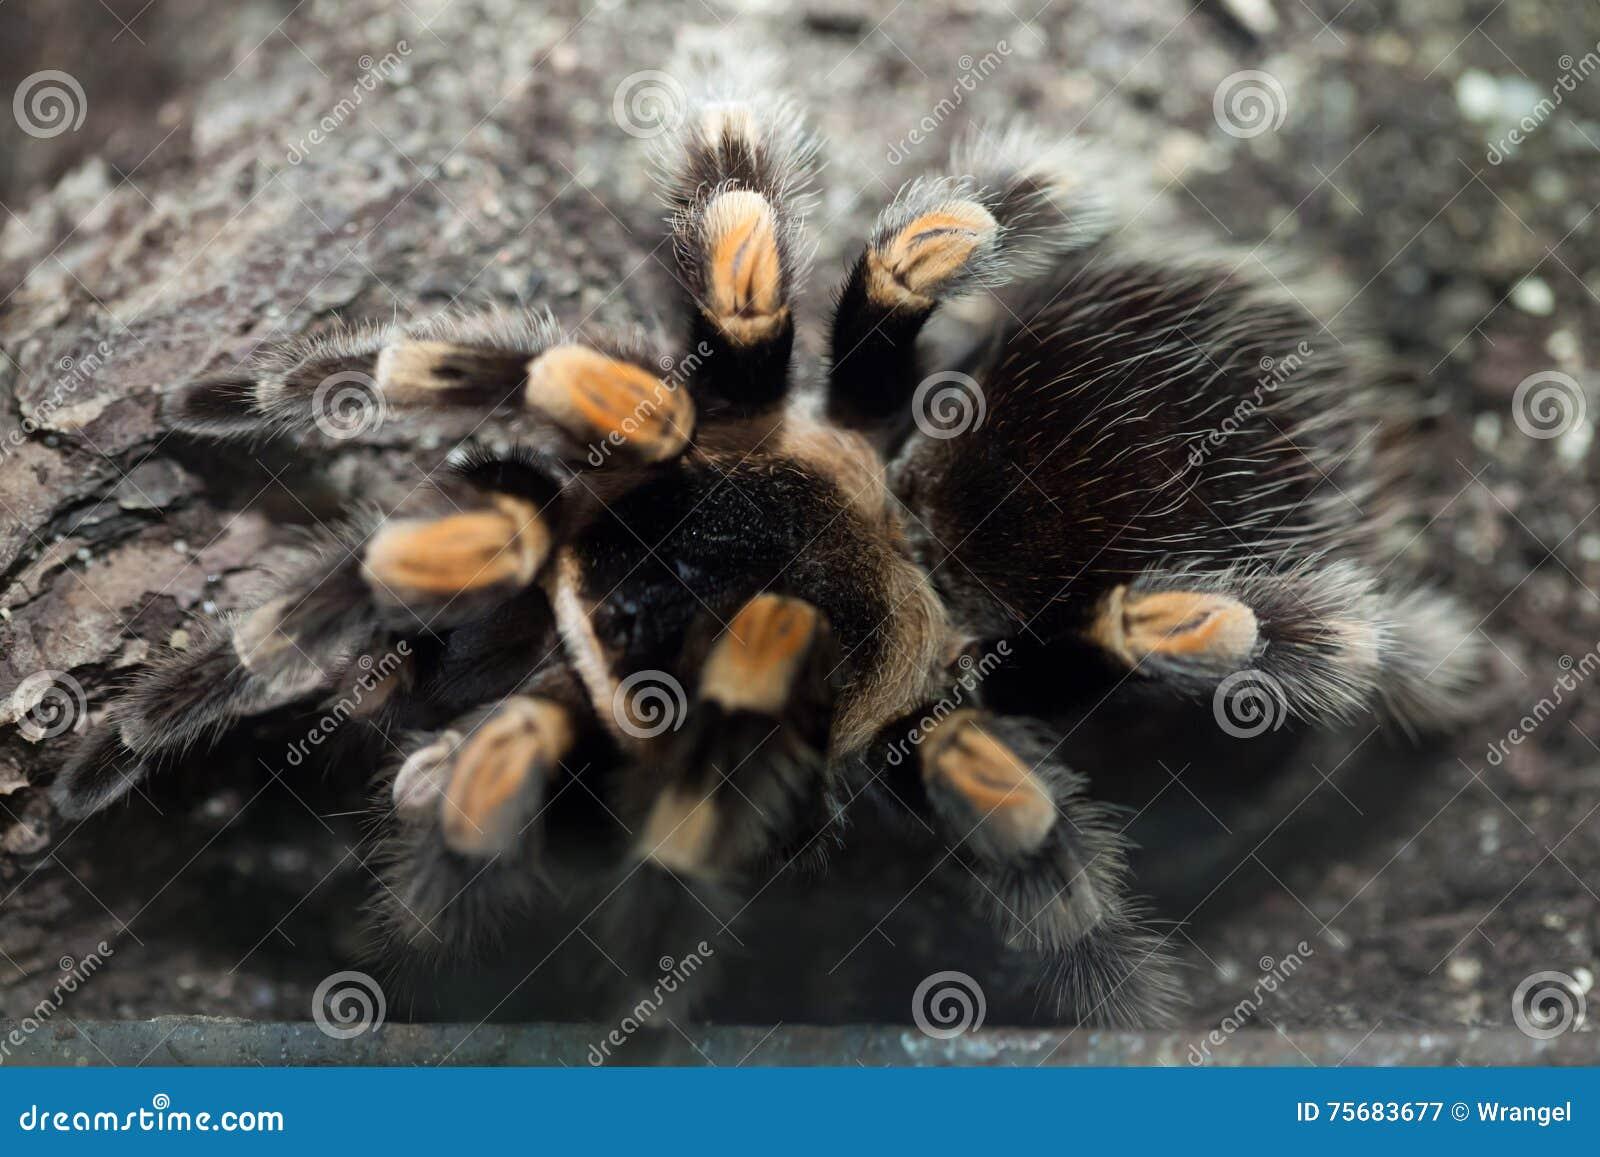 Mexikanischer Redknee Tarantula (Brachypelma smithi)